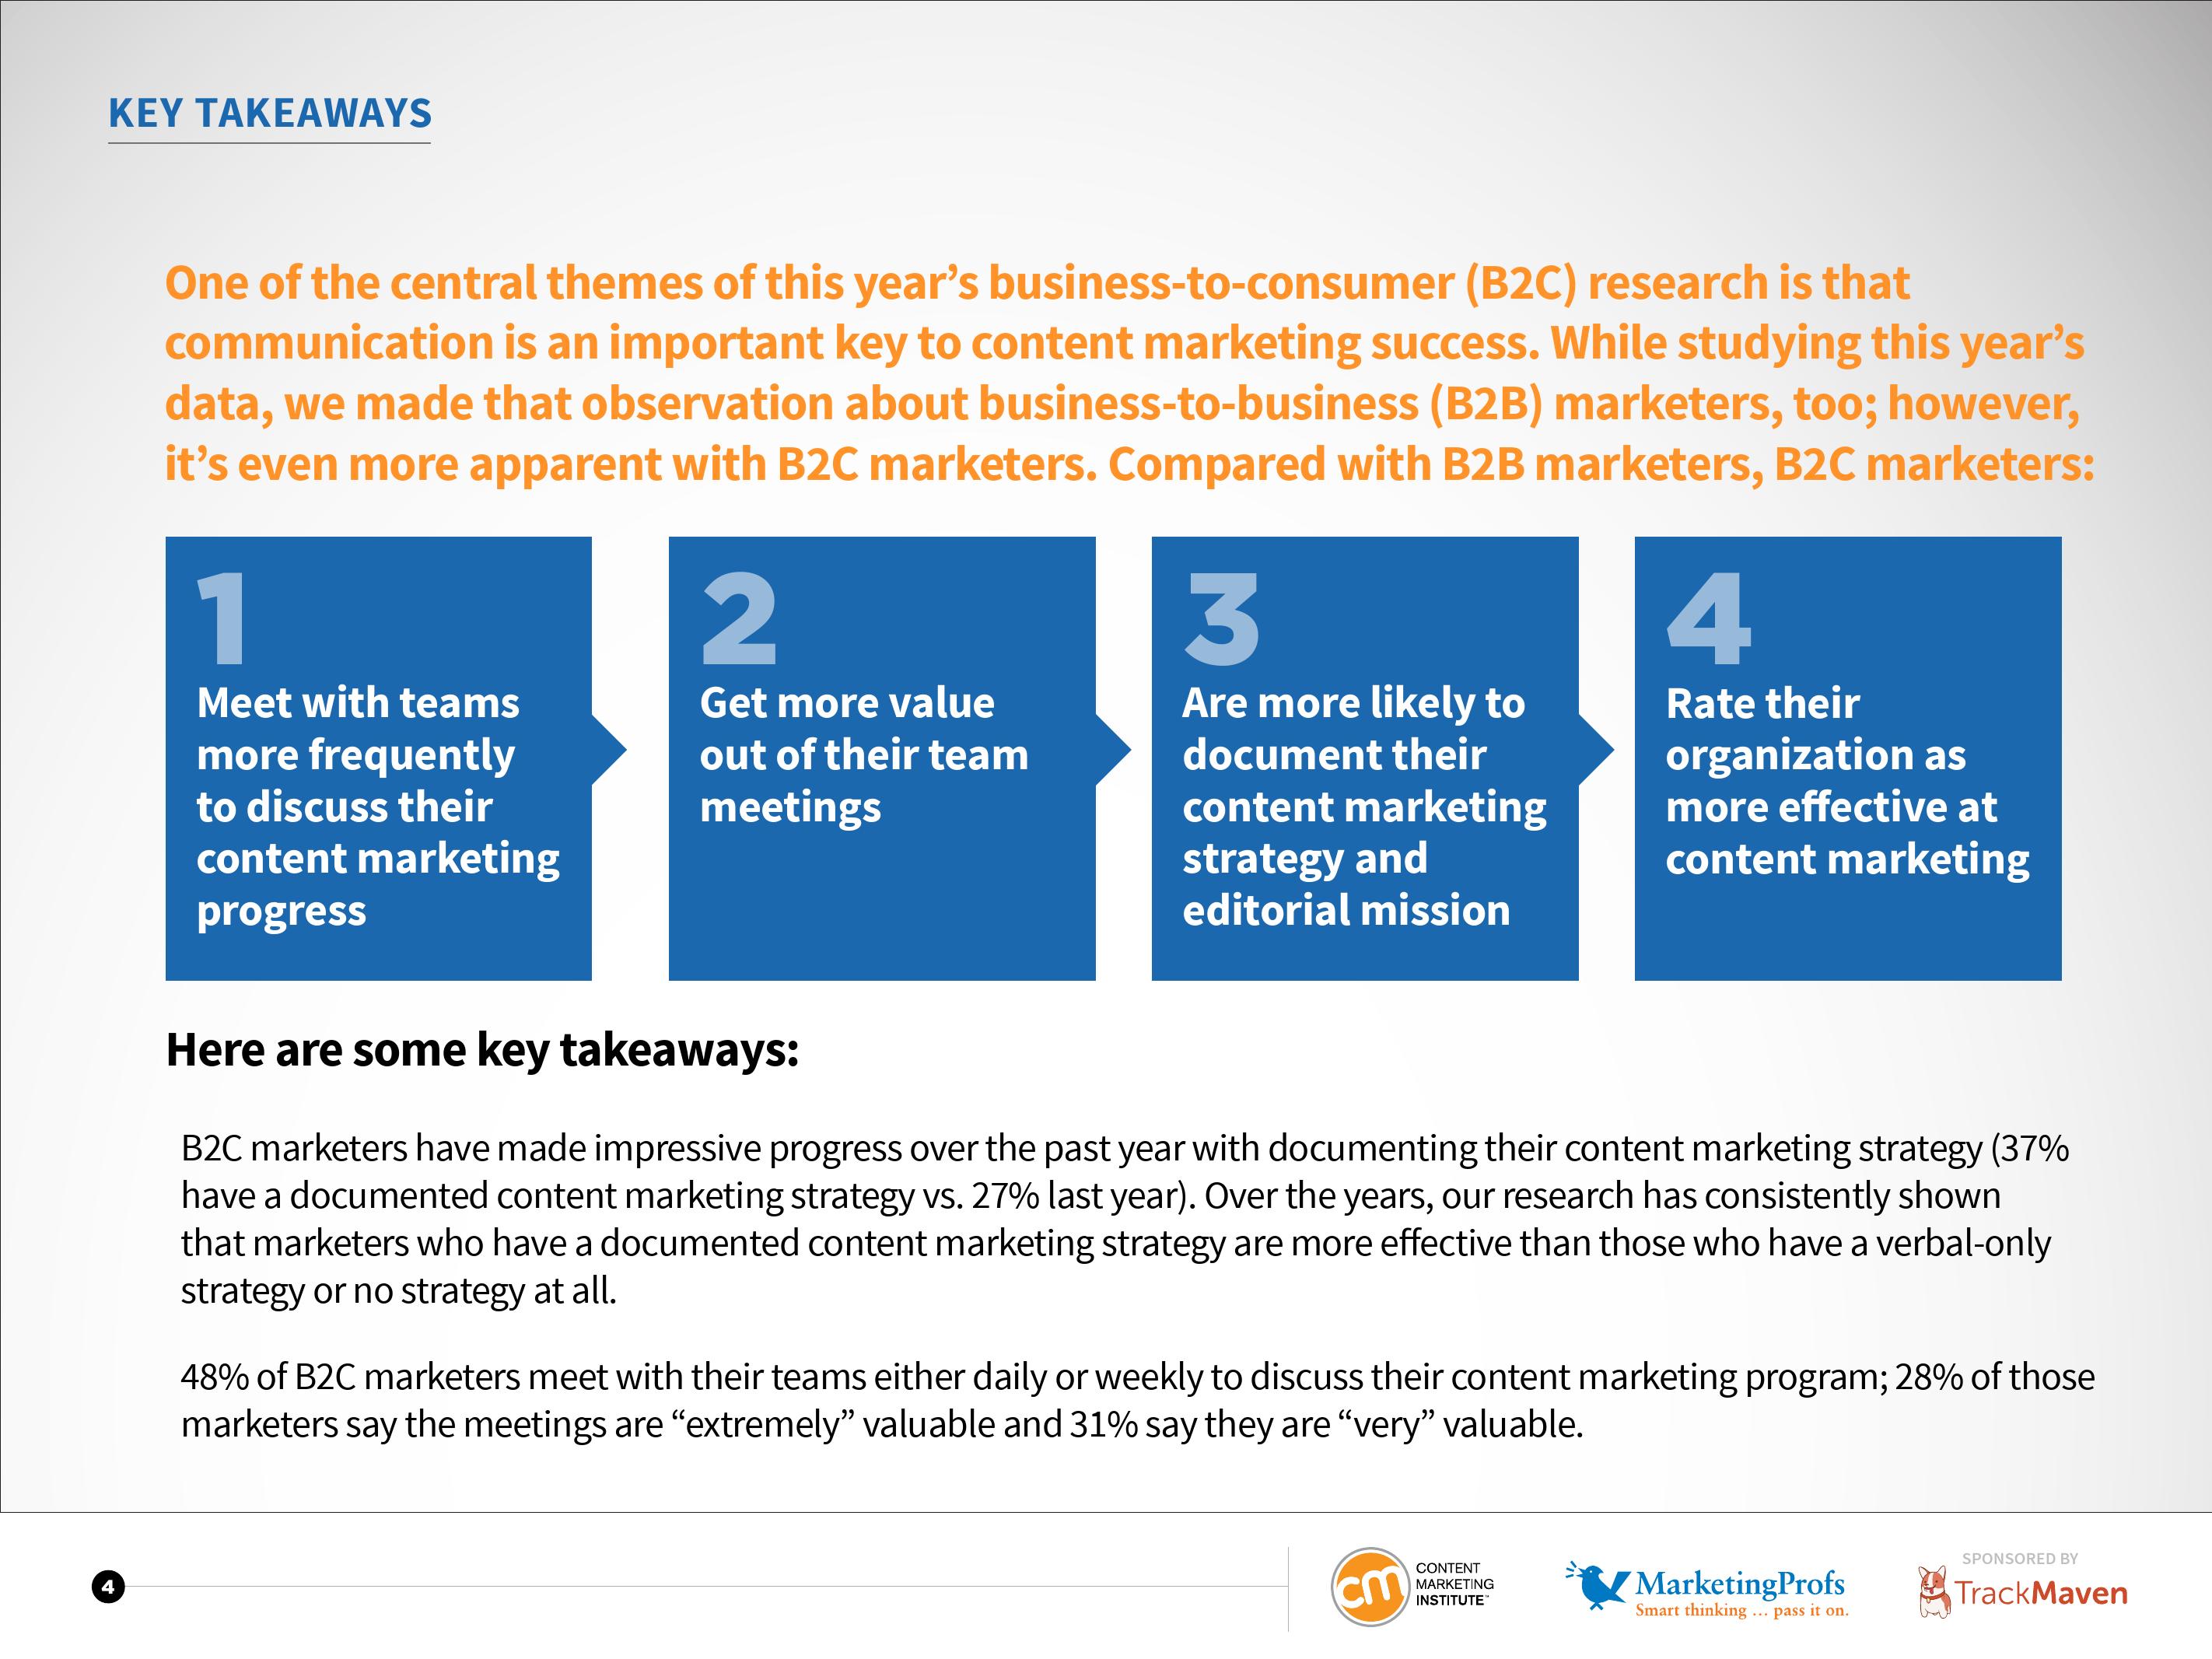 CMI:2016年北美B2C内容营销标杆、预算及趋势报告_000004